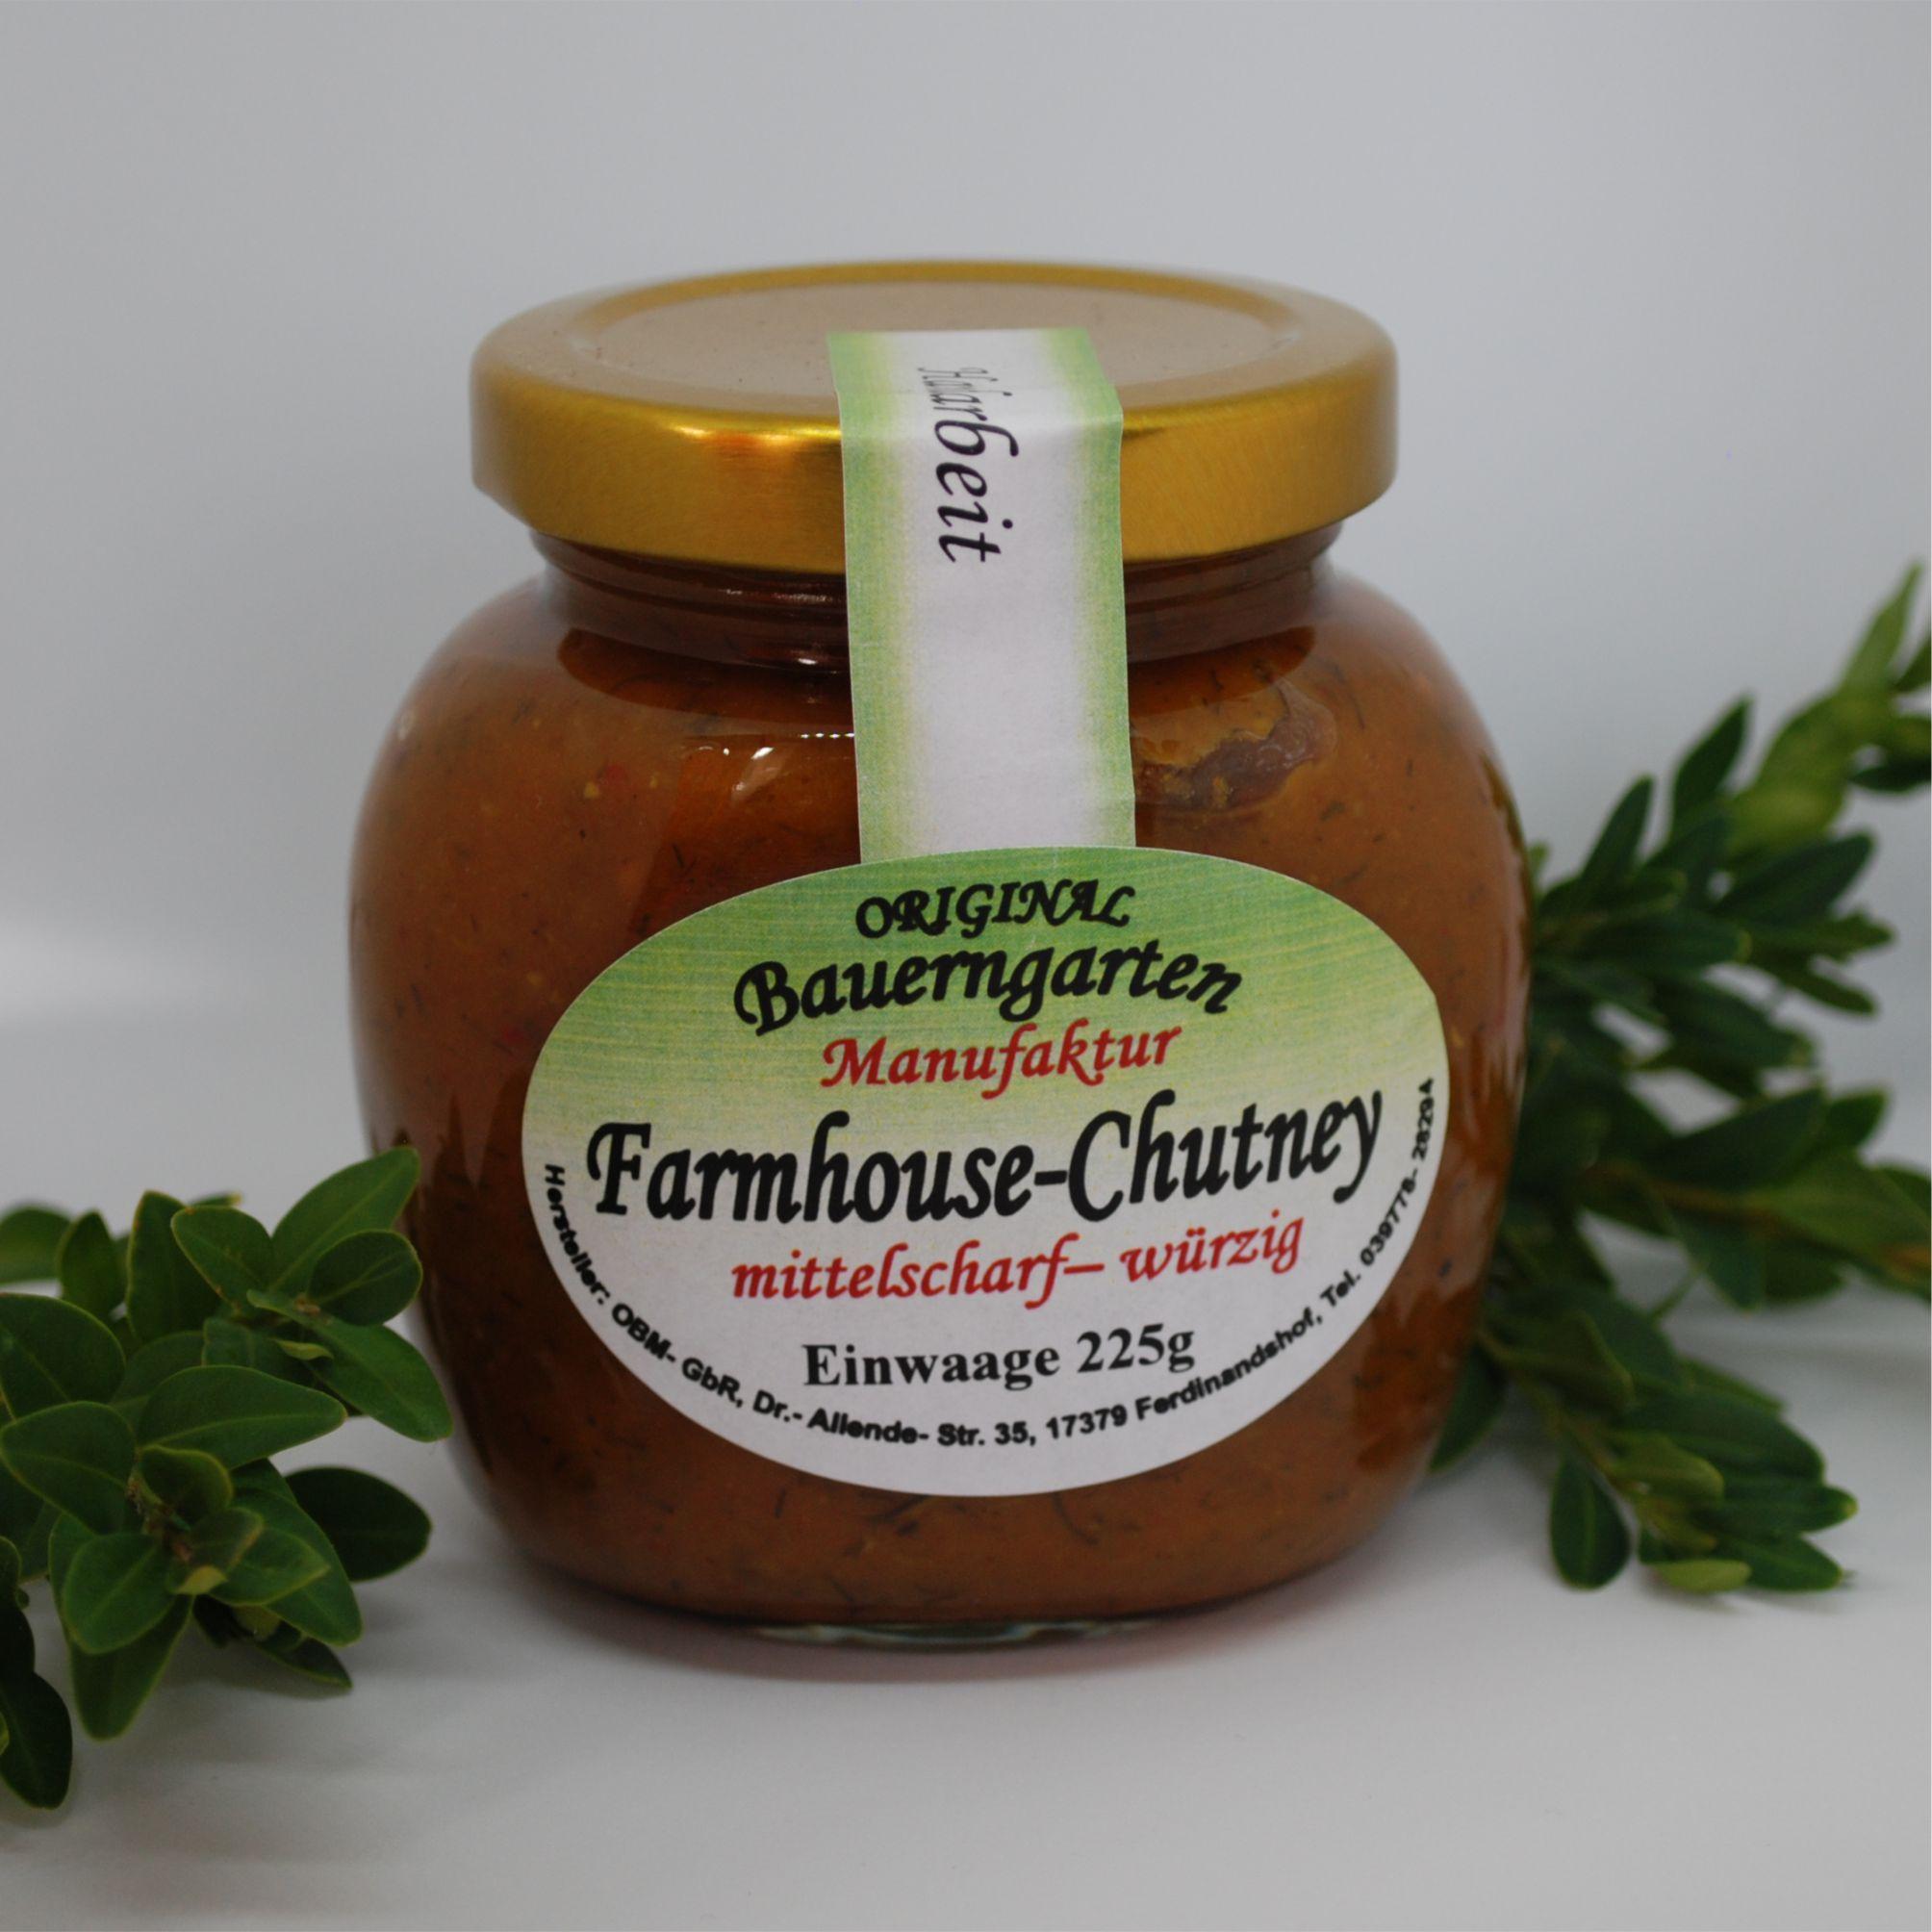 Farmhouse Chutney